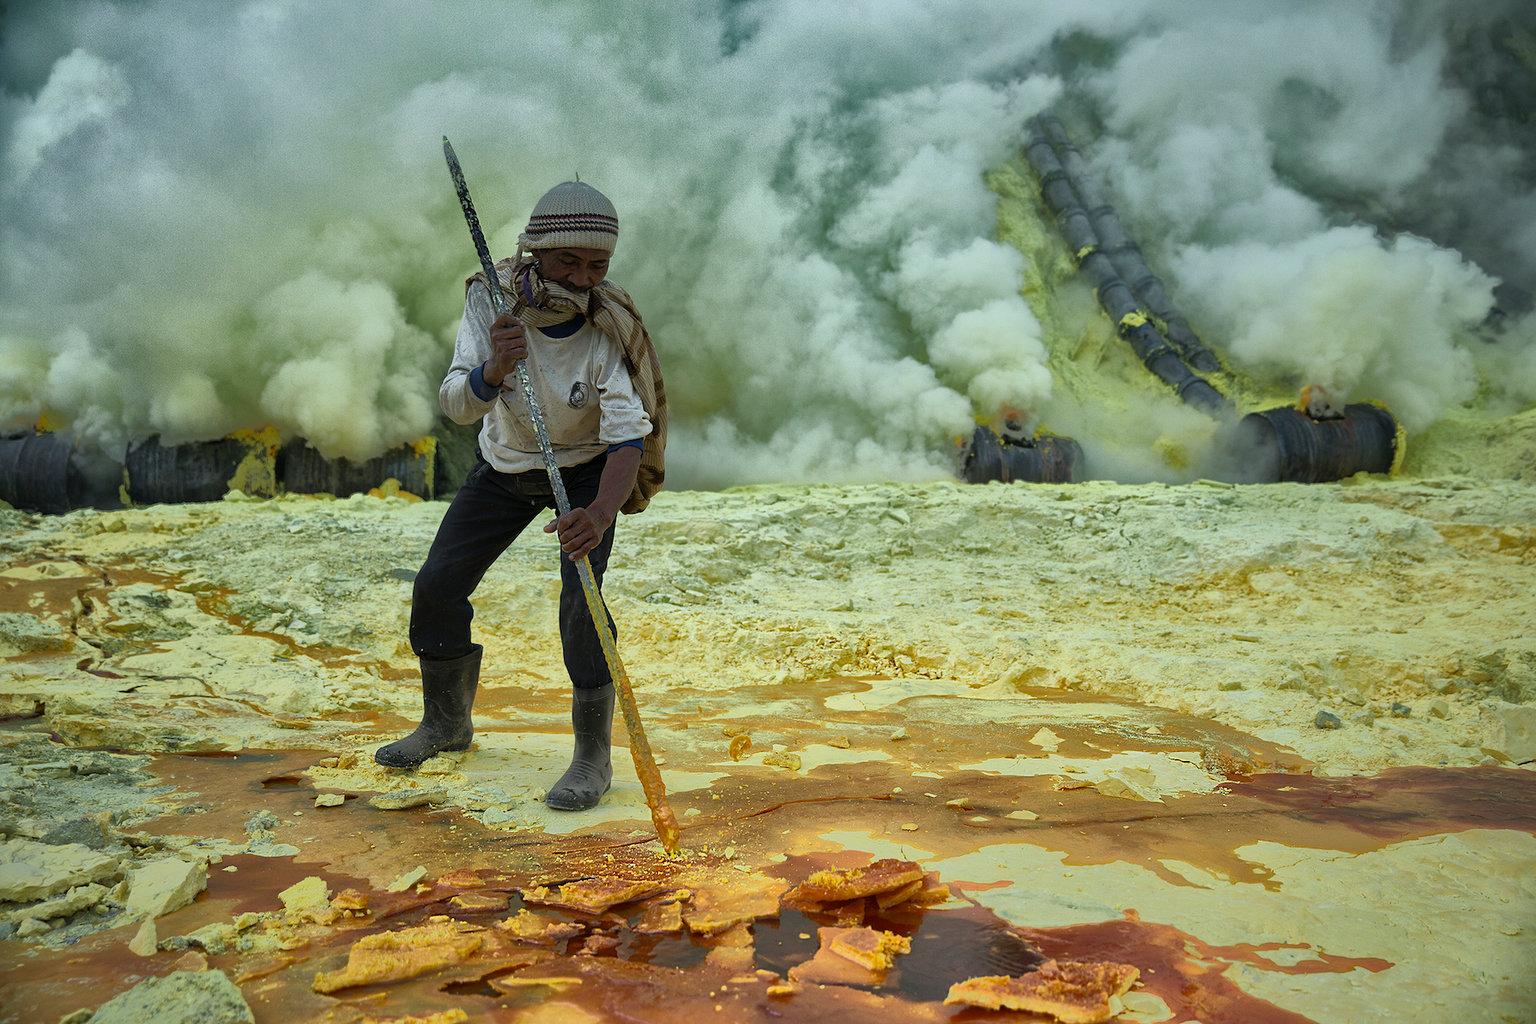 Cuộc sống mưu sinh gian khổ đến khó tin ở các vùng mỏ khắp thế giới